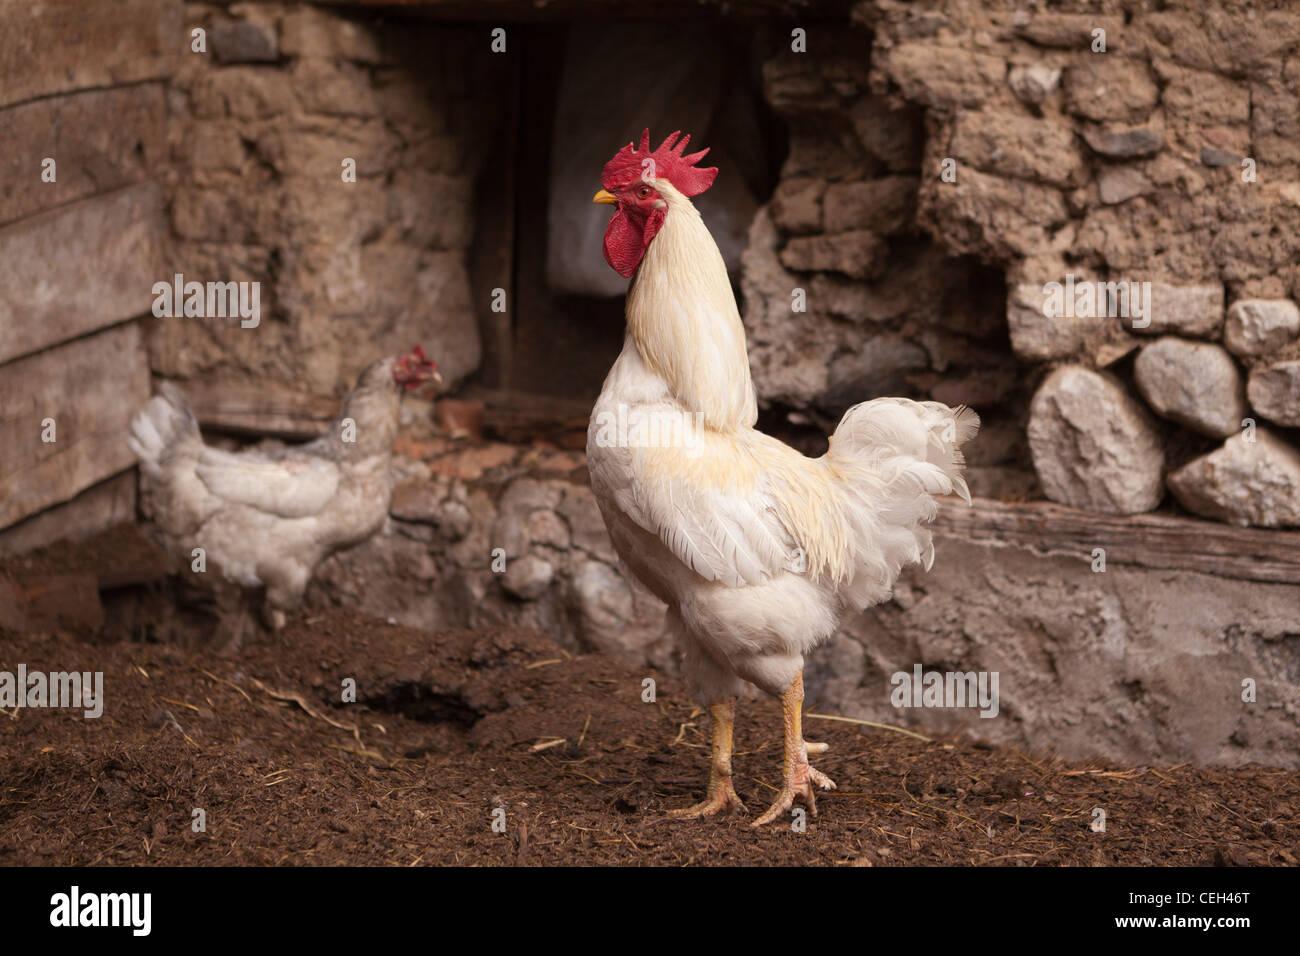 Libera rage fattoria di pollo-gallo bianco e una gallina Immagini Stock